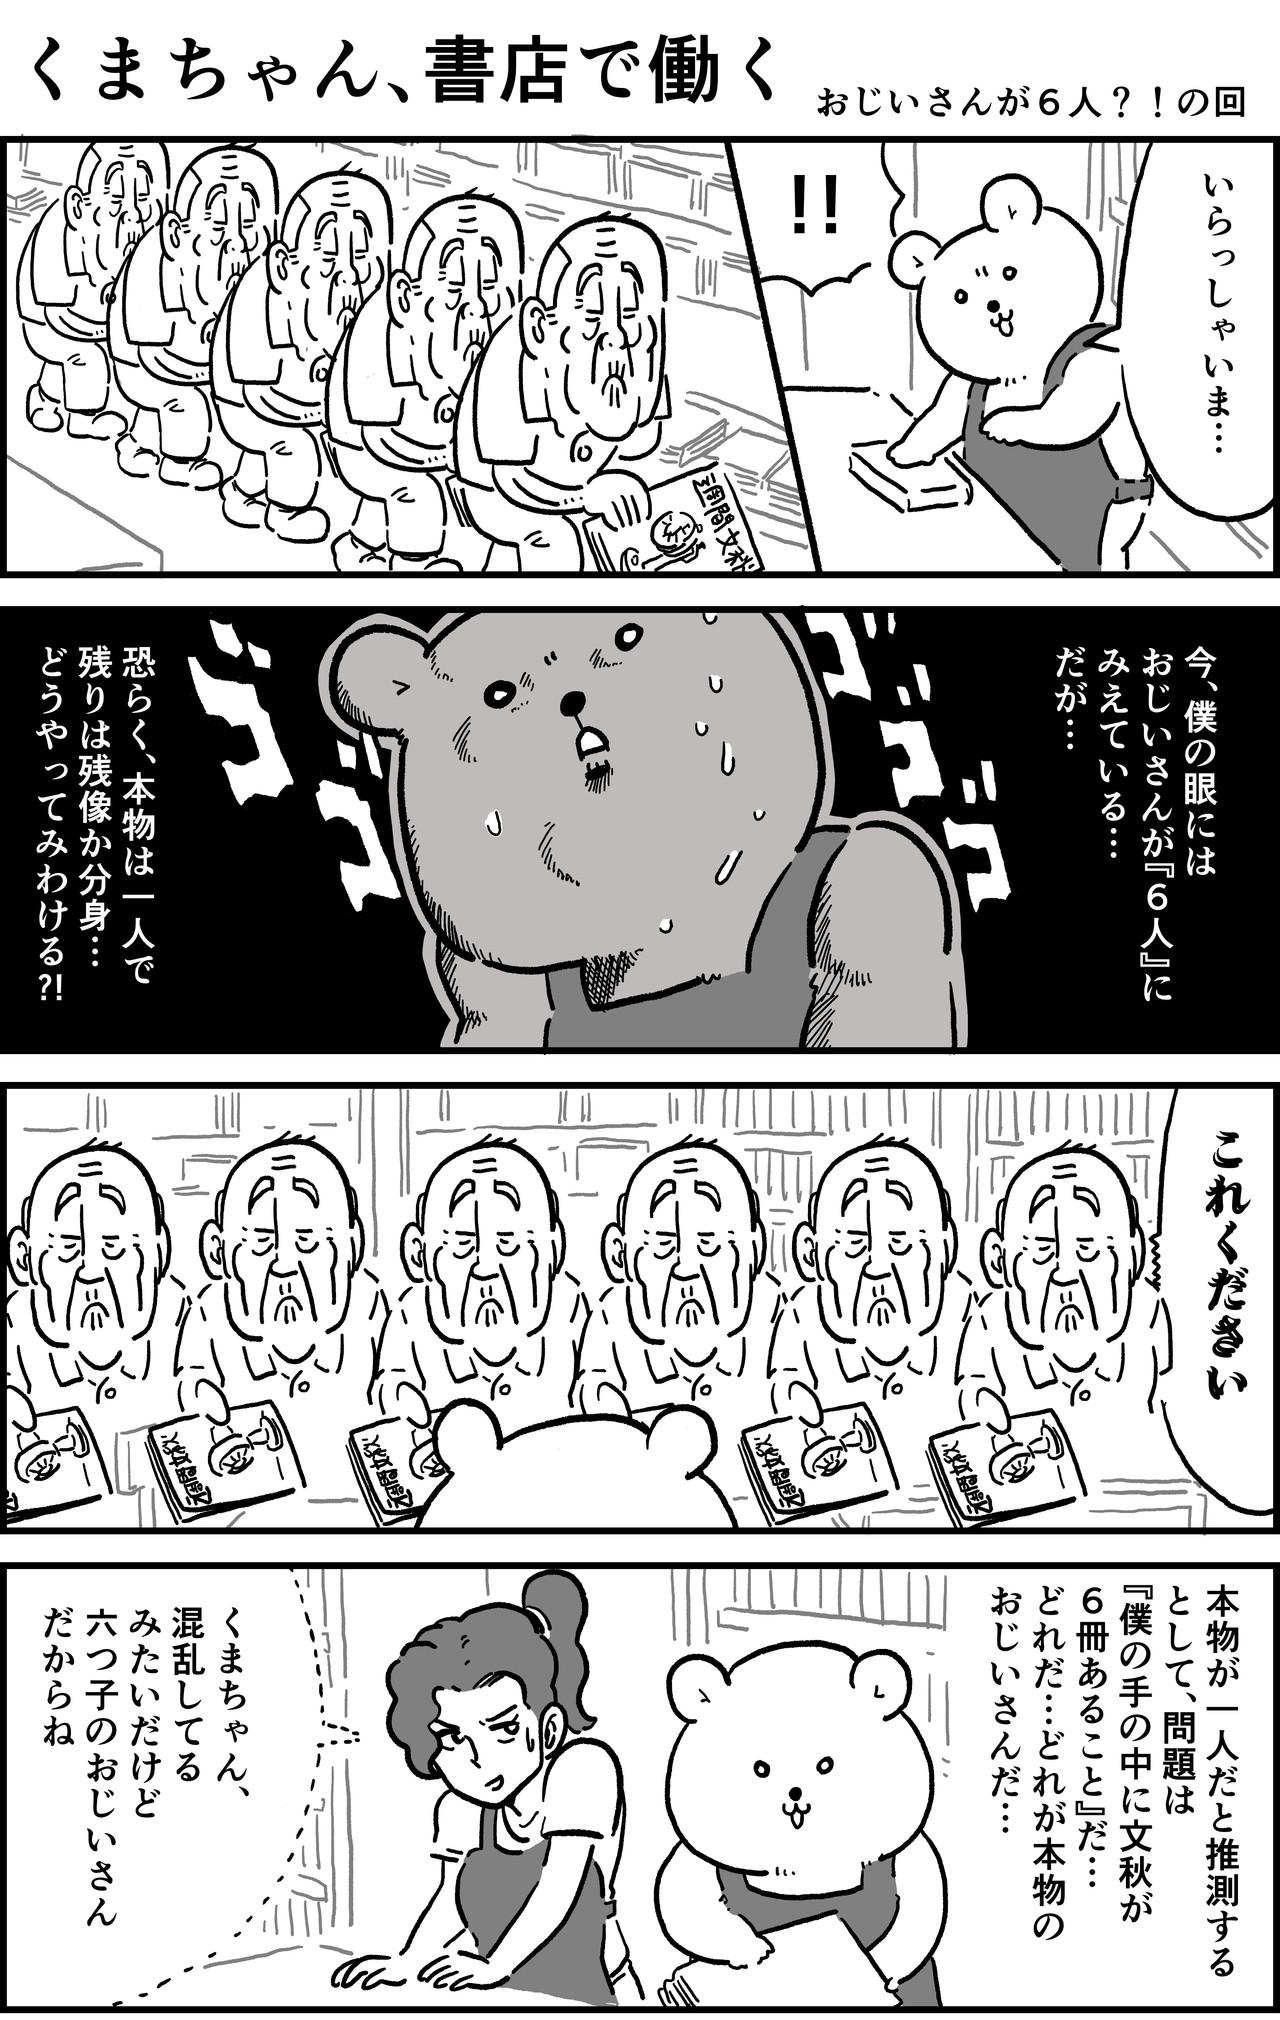 kuma_25_完成版